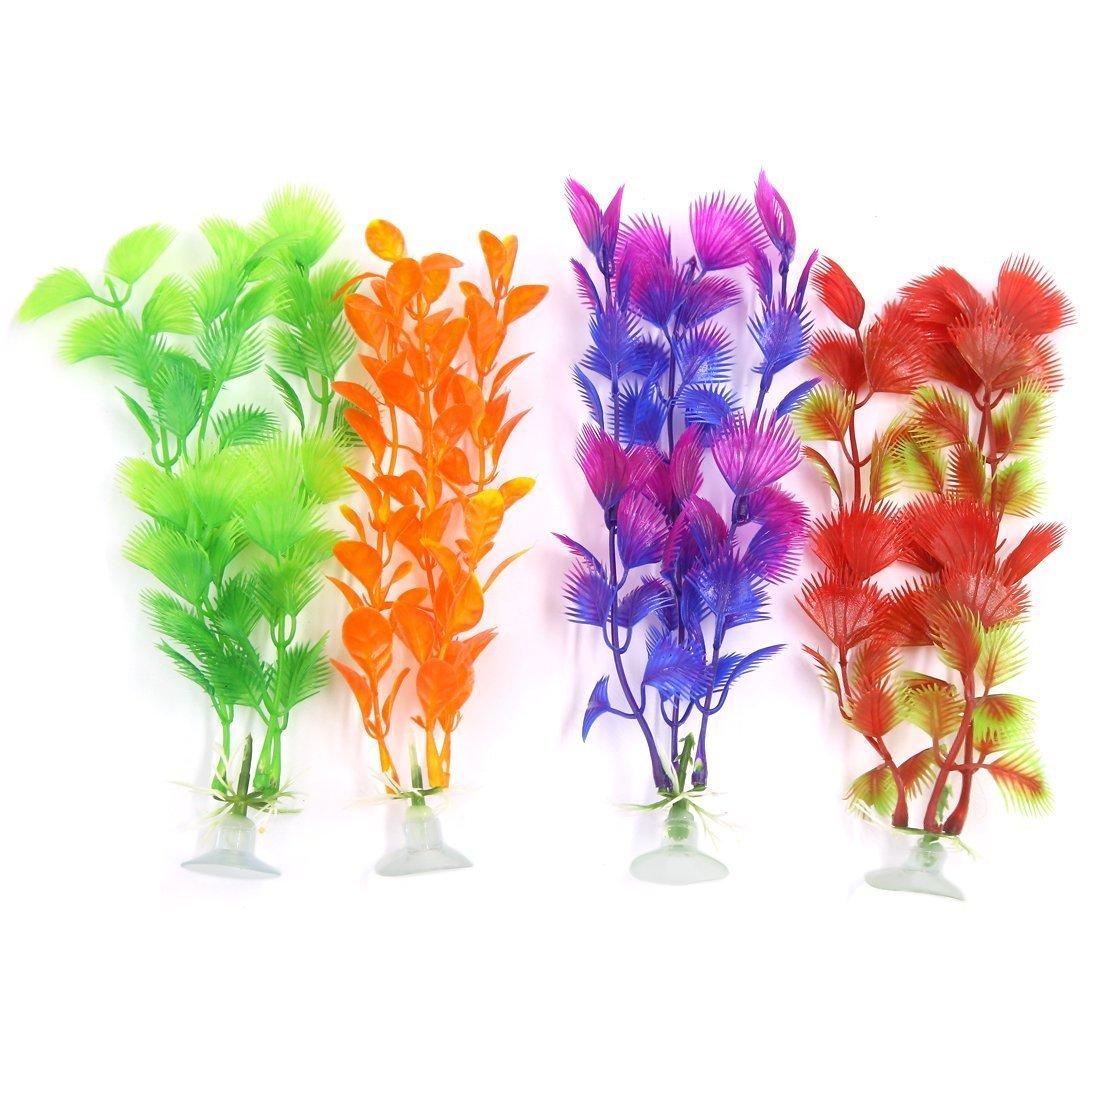 1Pc a16071400ux0473 4 Piece Aquarium Ornament Plastic Decoration Plant with Suction Cup